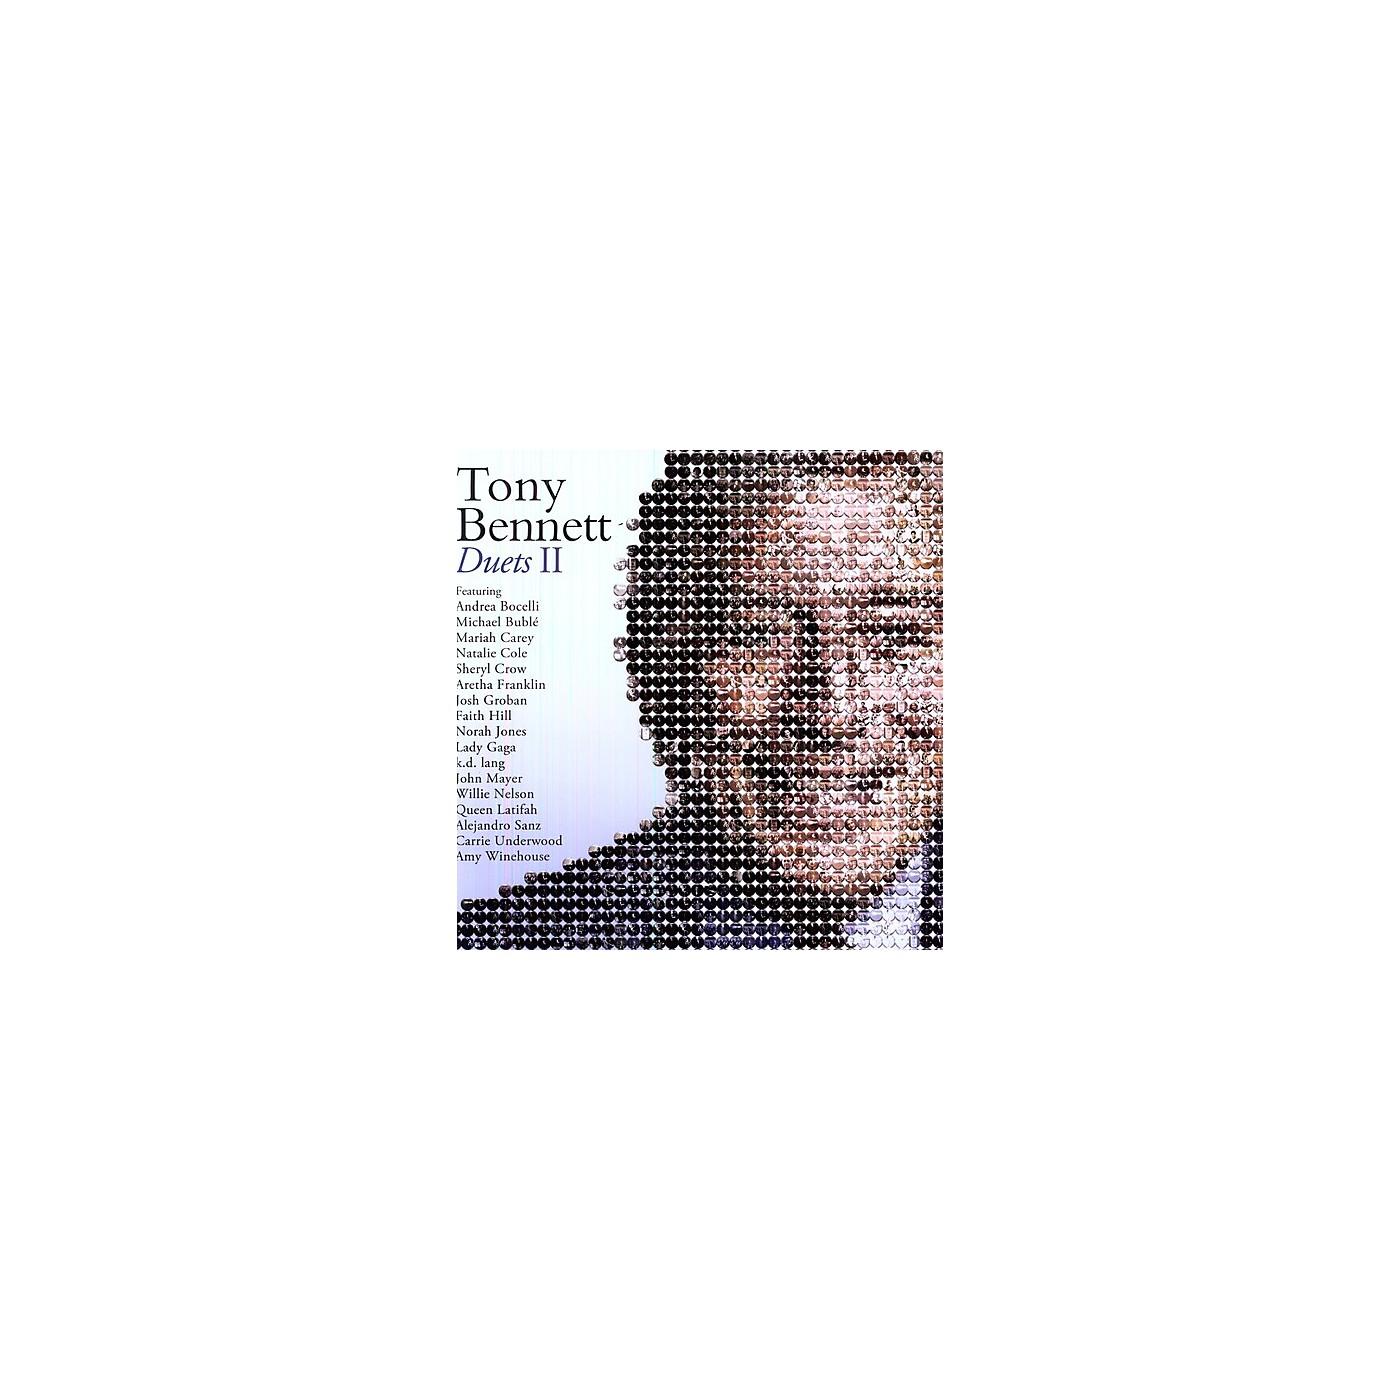 Alliance Tony Bennett - Duets 2 thumbnail